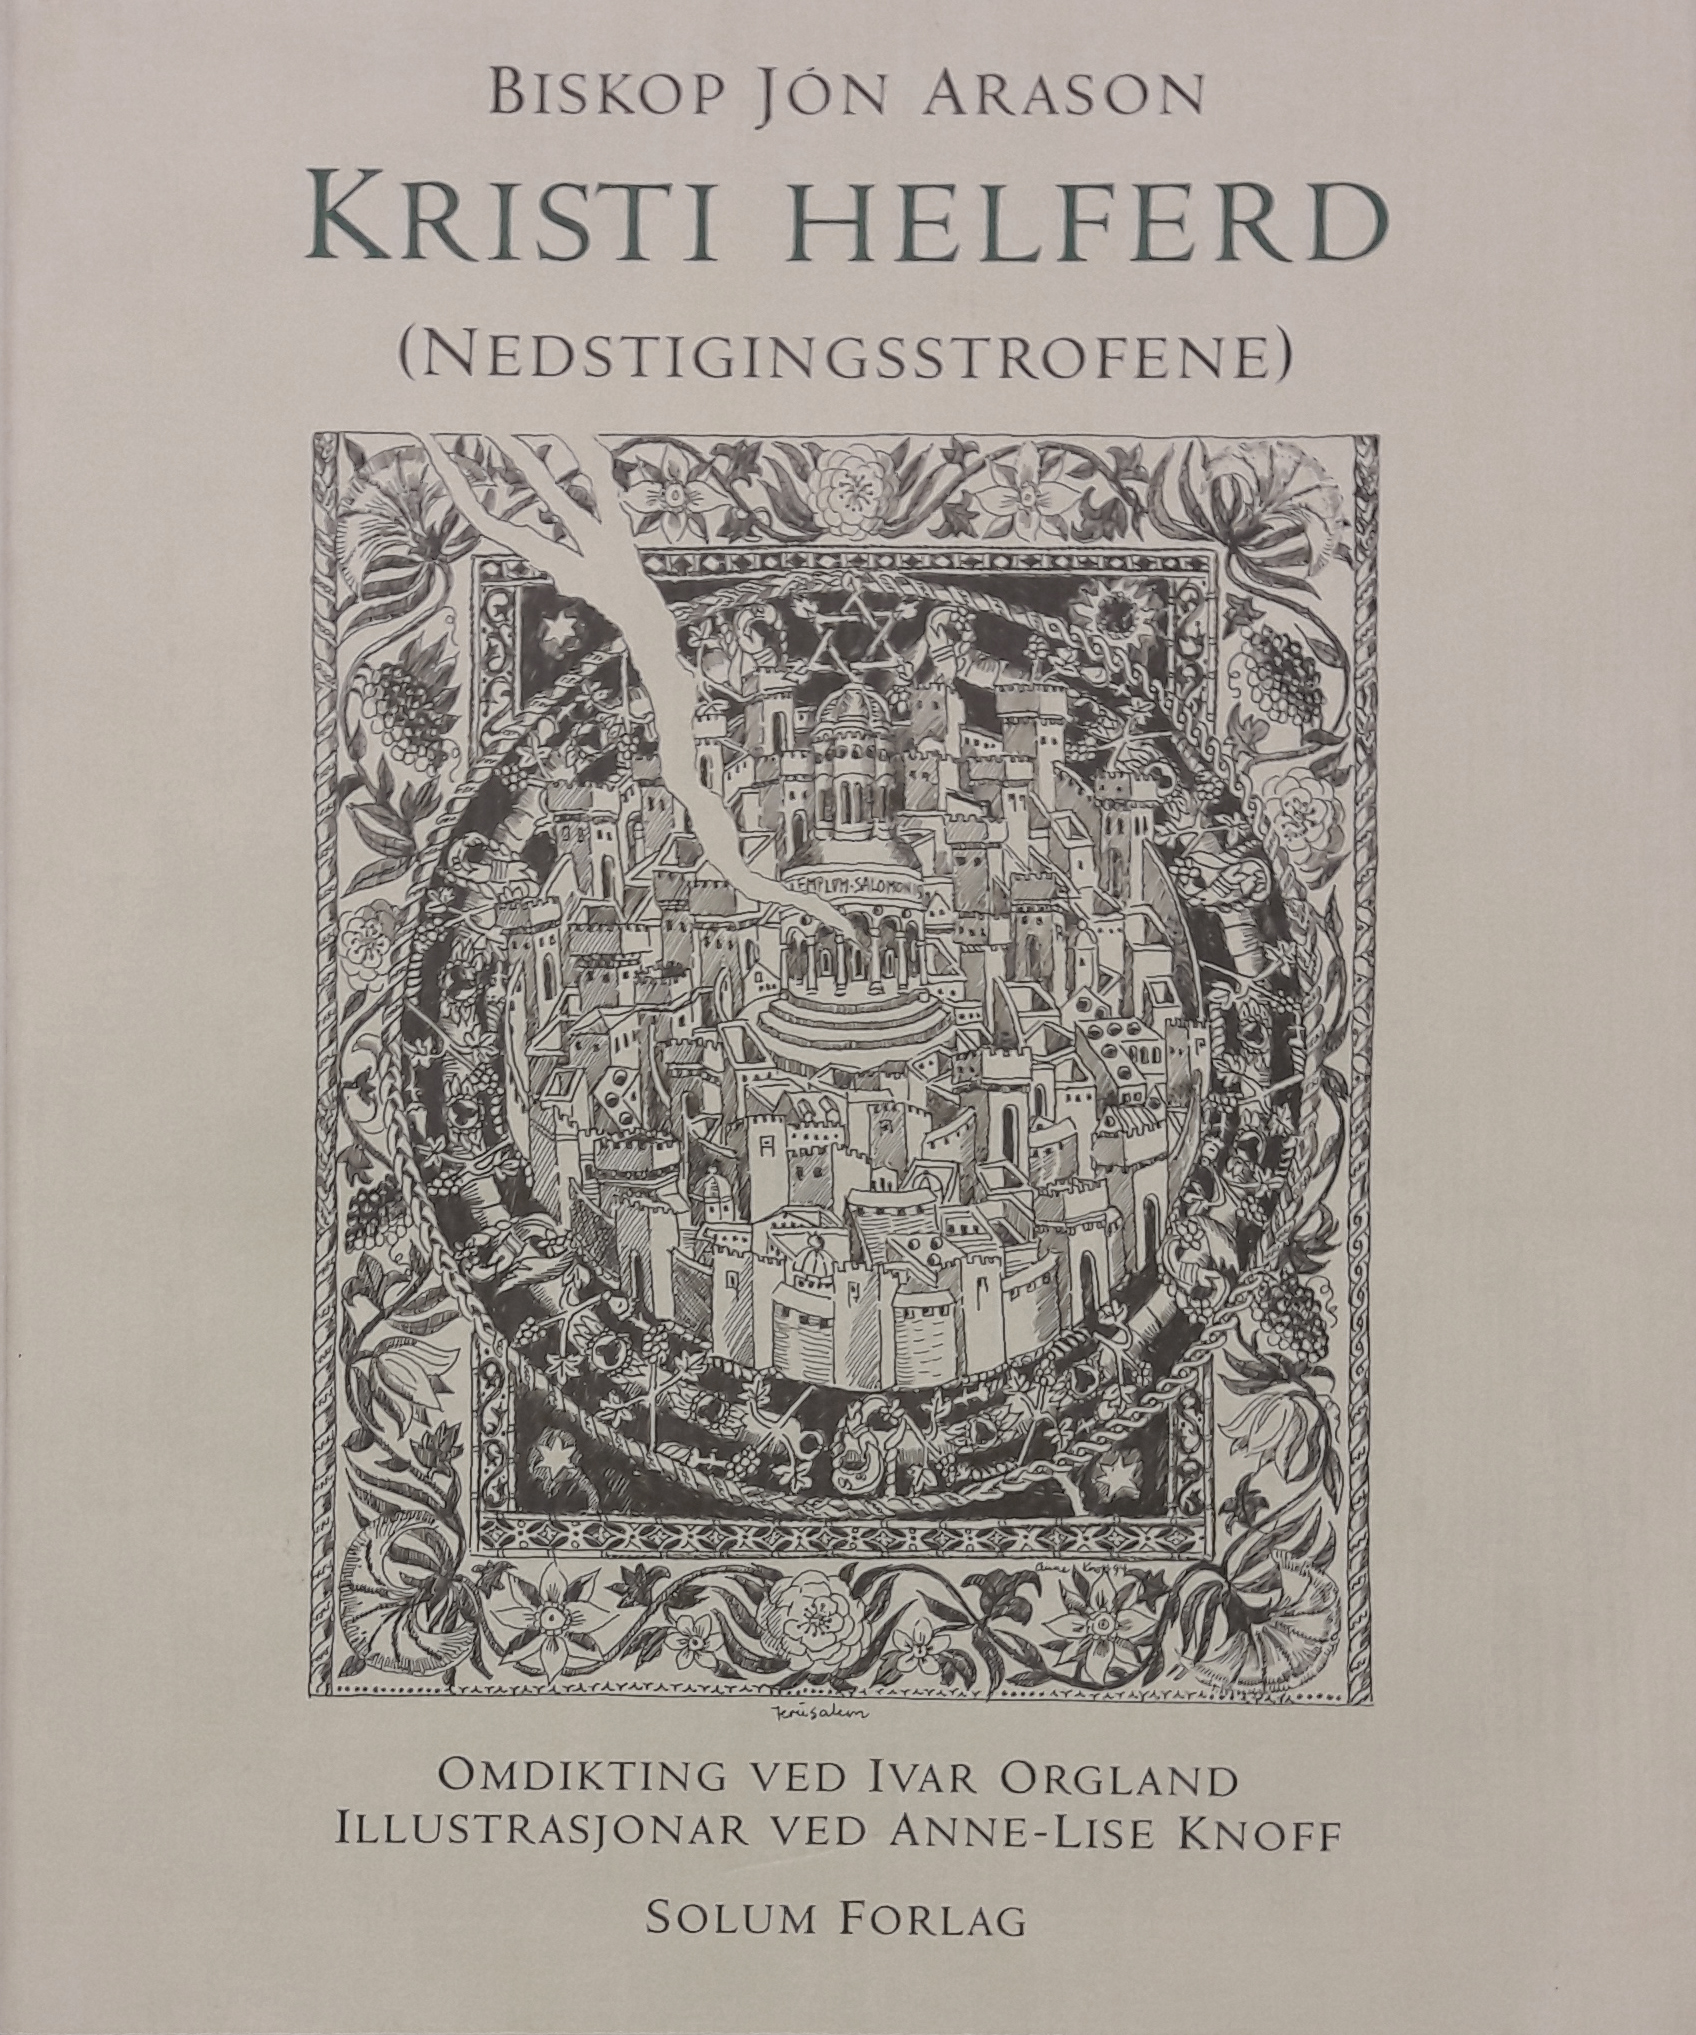 (KNOFF, ANNE-LISE) Kristi helferd (Nedstigningsstrofene). Omdikting ved Ivar Orgland. Illustrasjonar ved Anne-Lise Knoff.